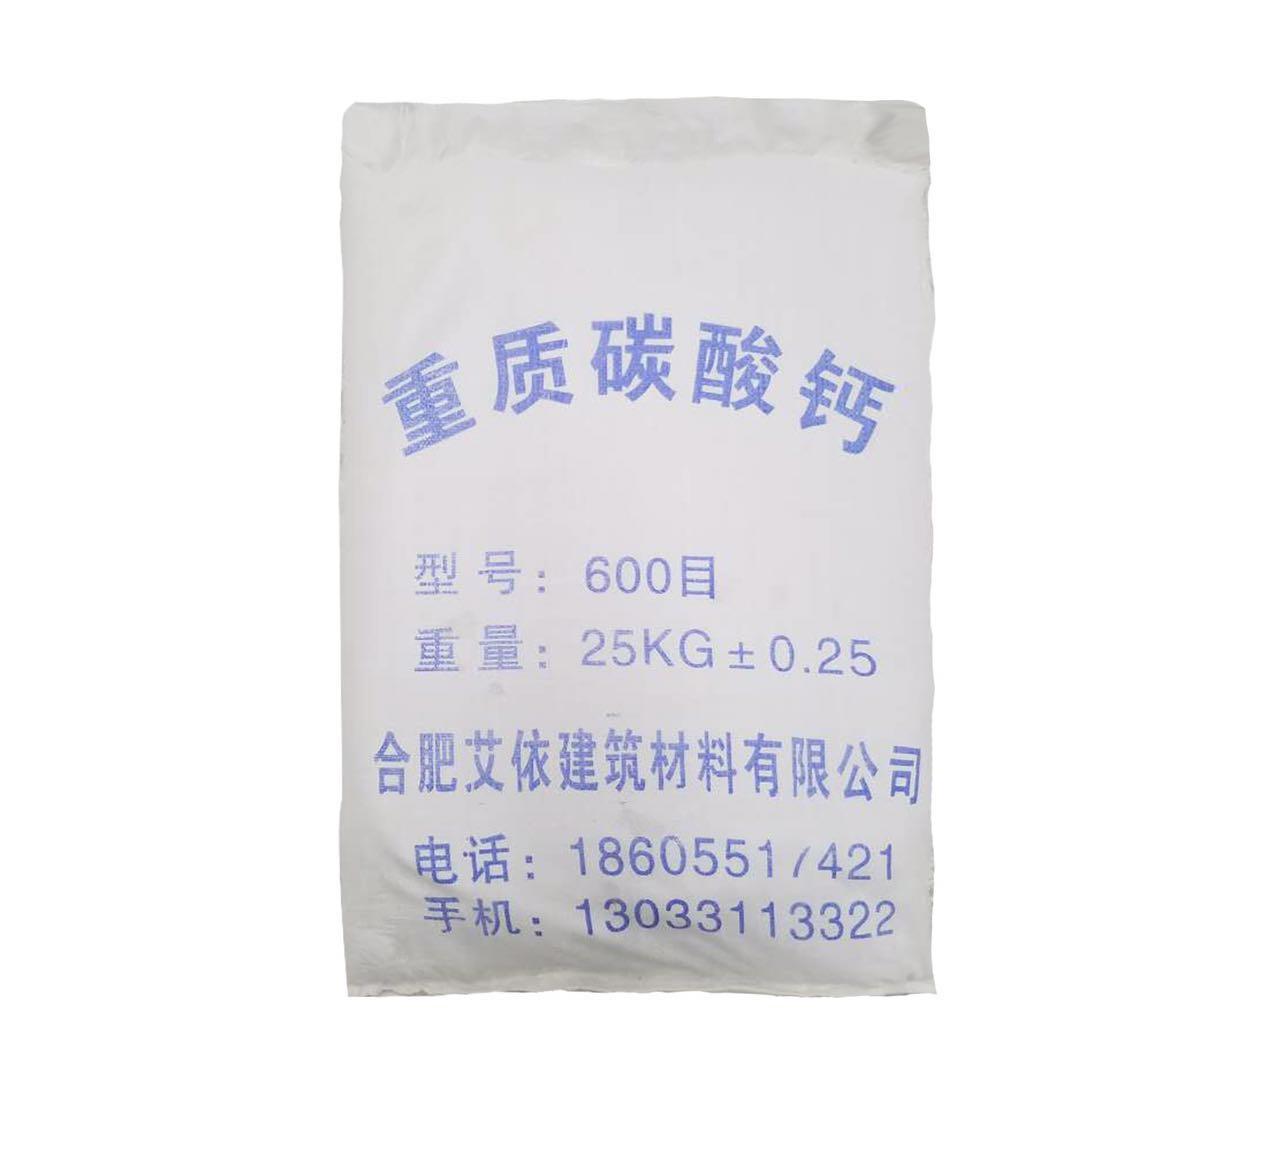 600目目重质碳酸钙